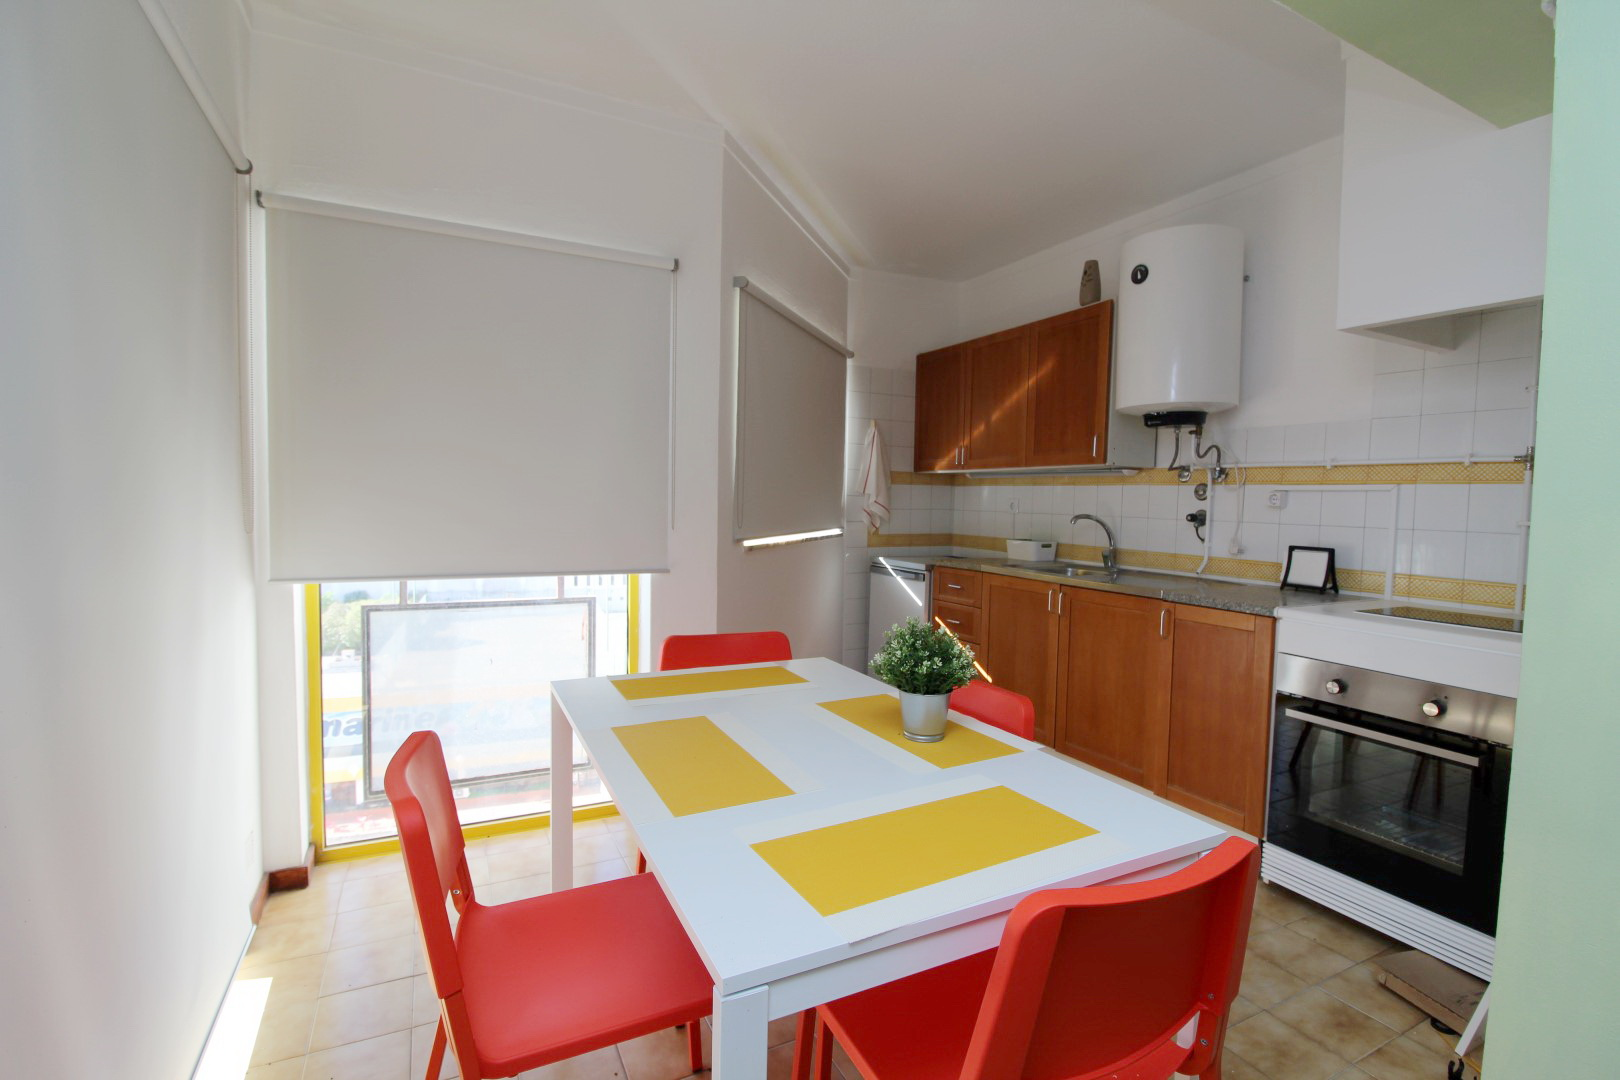 Holiday apartments and villas for rent, T1 na Praia da Rocha para férias in Portimão, Portugal Algarve, REF_IMG_14431_14441